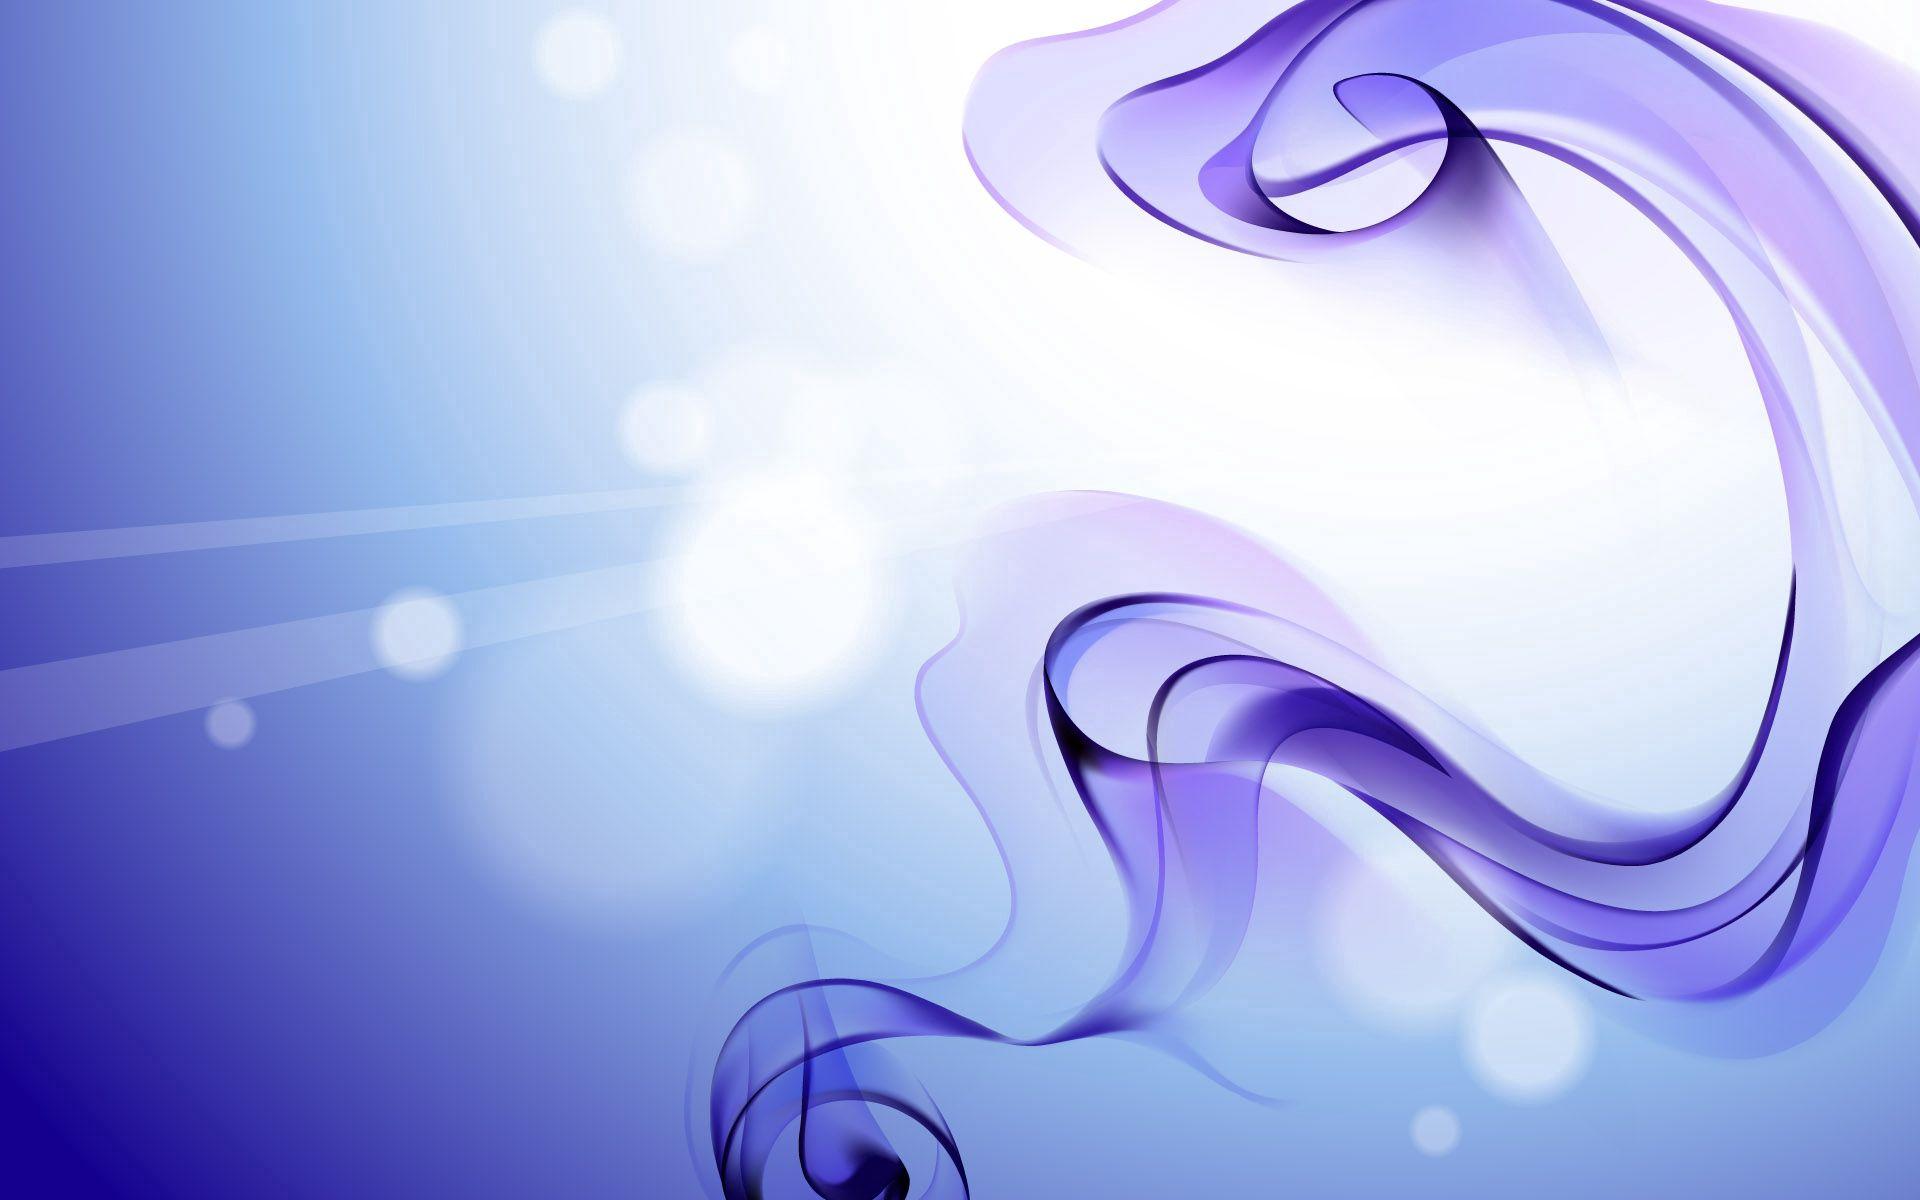 97969 Заставки и Обои Дым на телефон. Скачать Дым, Абстракция, Блики, Свет, Волнистый картинки бесплатно